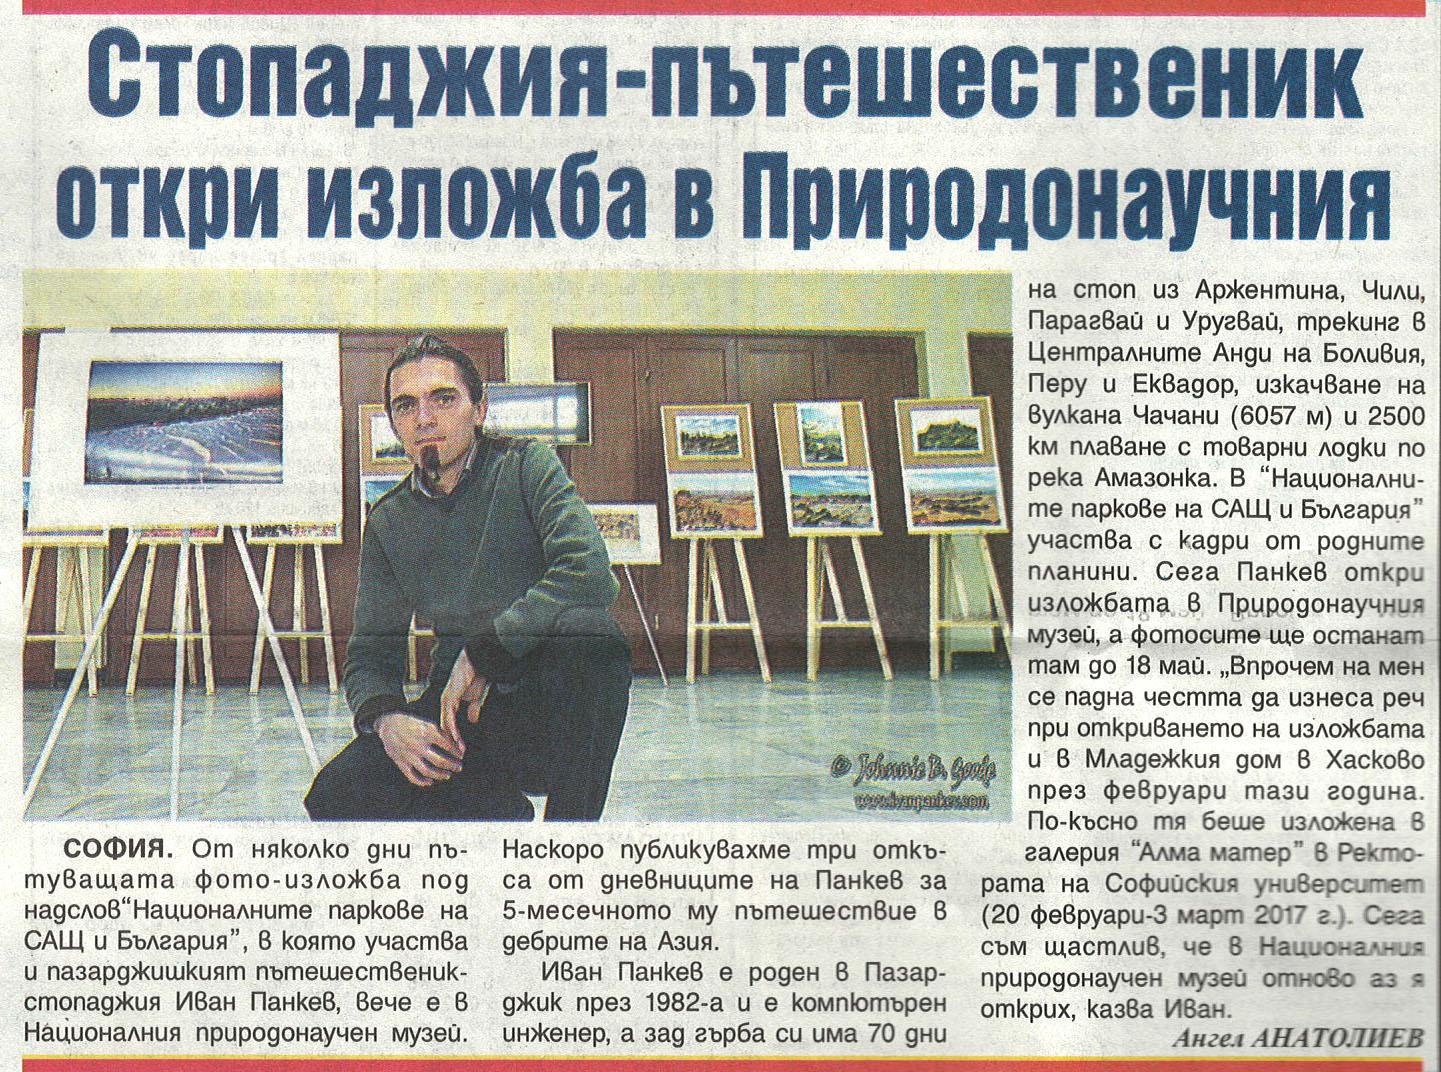 """Вестник """"Знаме"""" отрази откритата от мен пътуваща изложба """"Националните паркове на САЩ и България"""", в която участвам със снимки от нашата страна."""